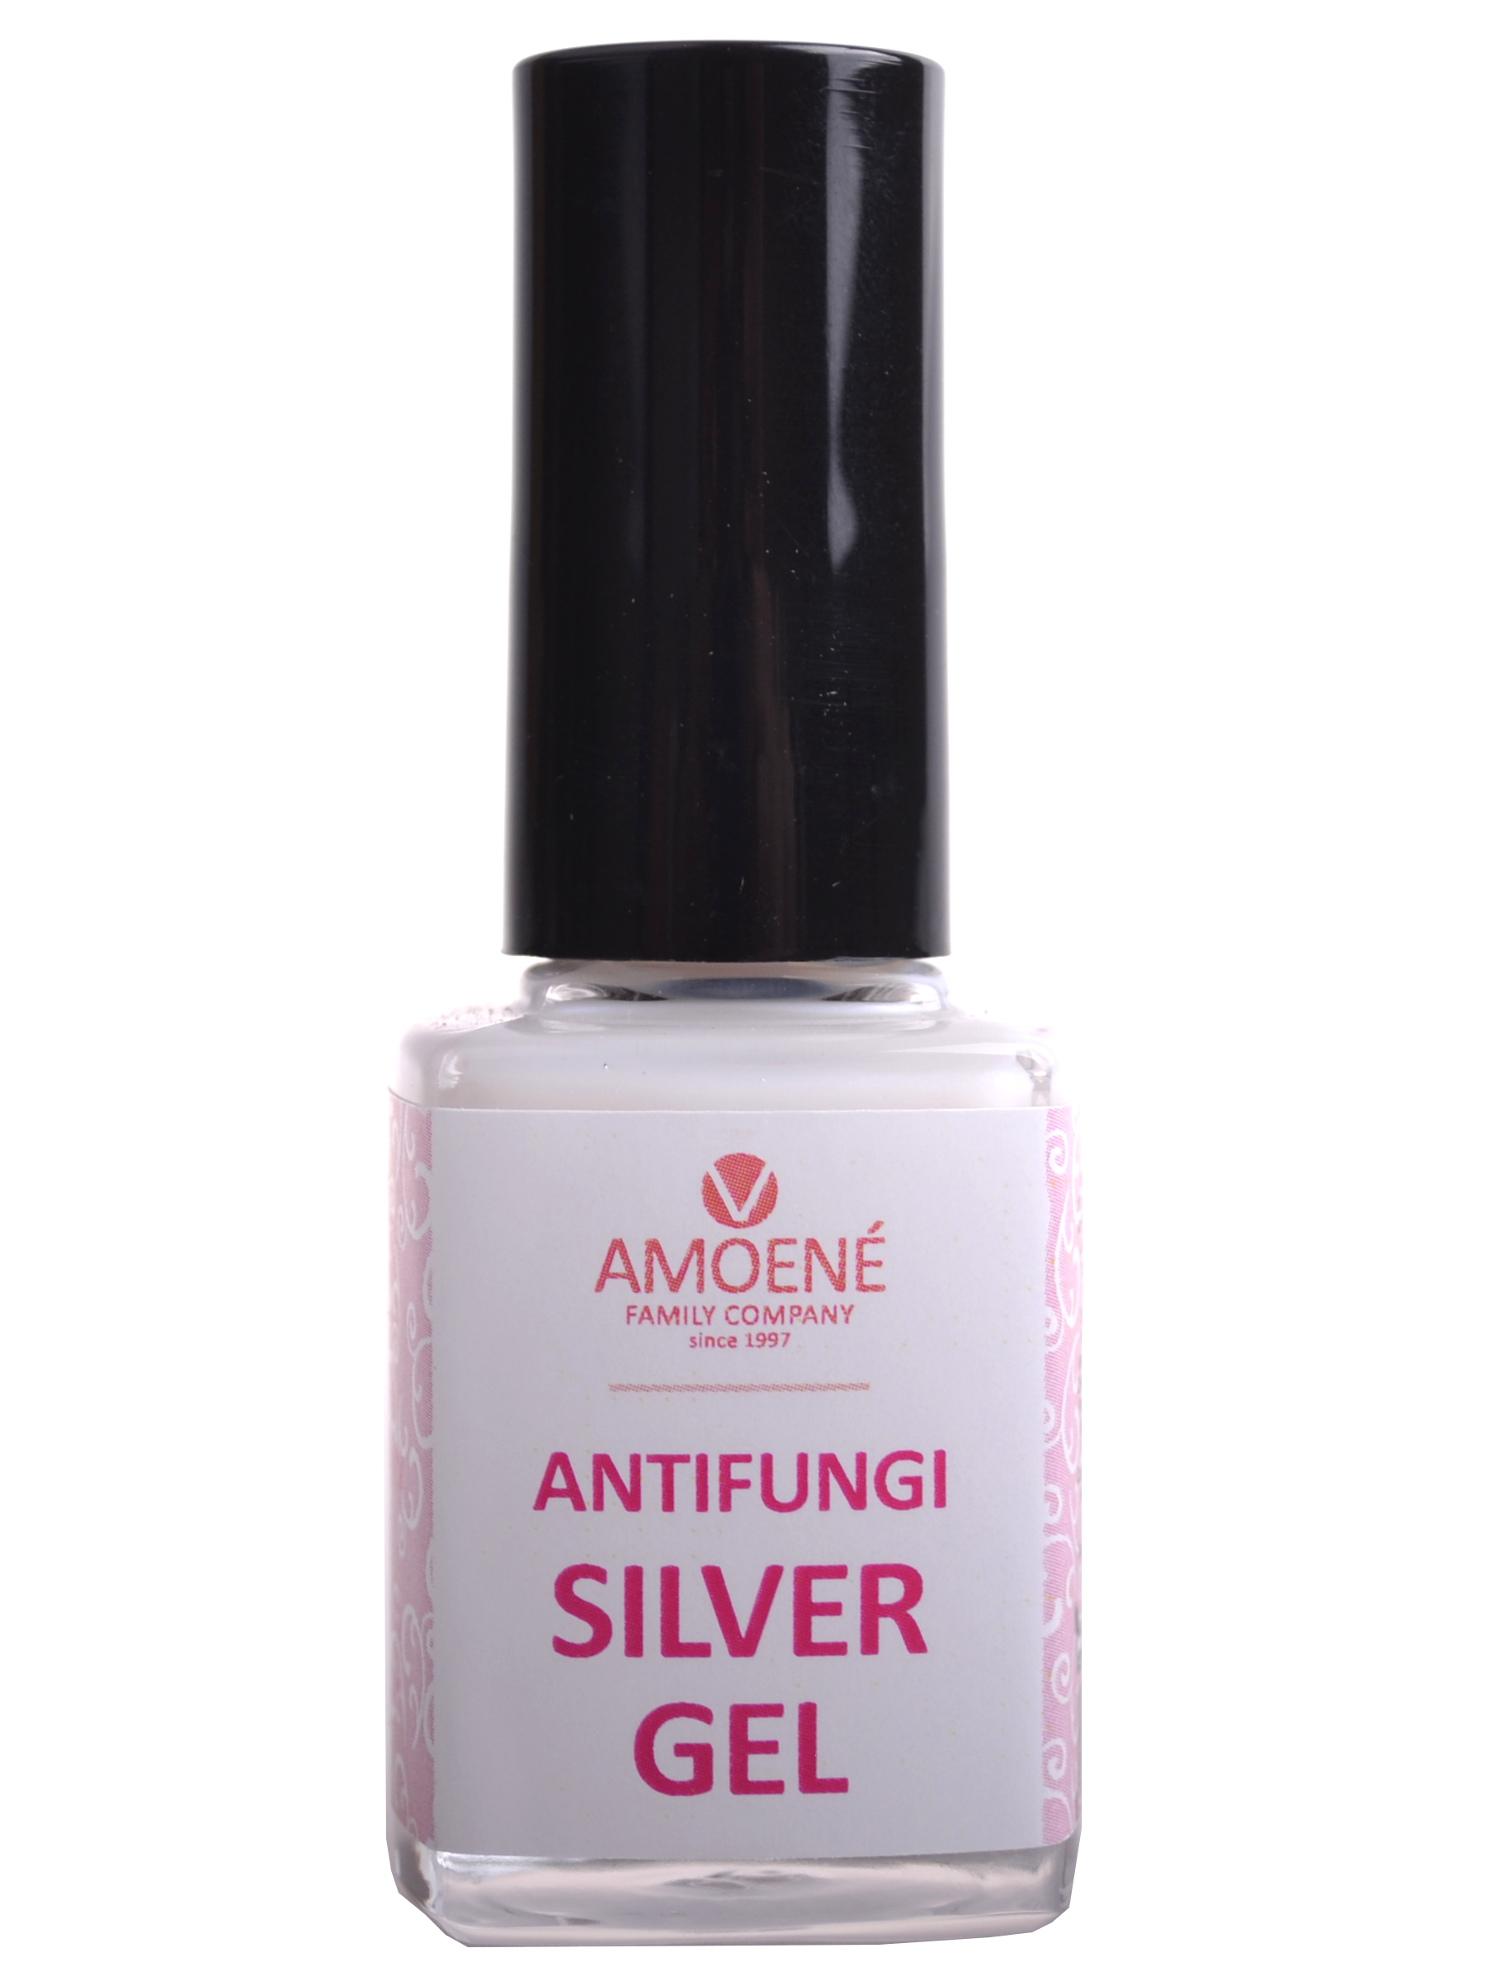 Antifungi Silver Gel Levne Mobilmania Zbozi